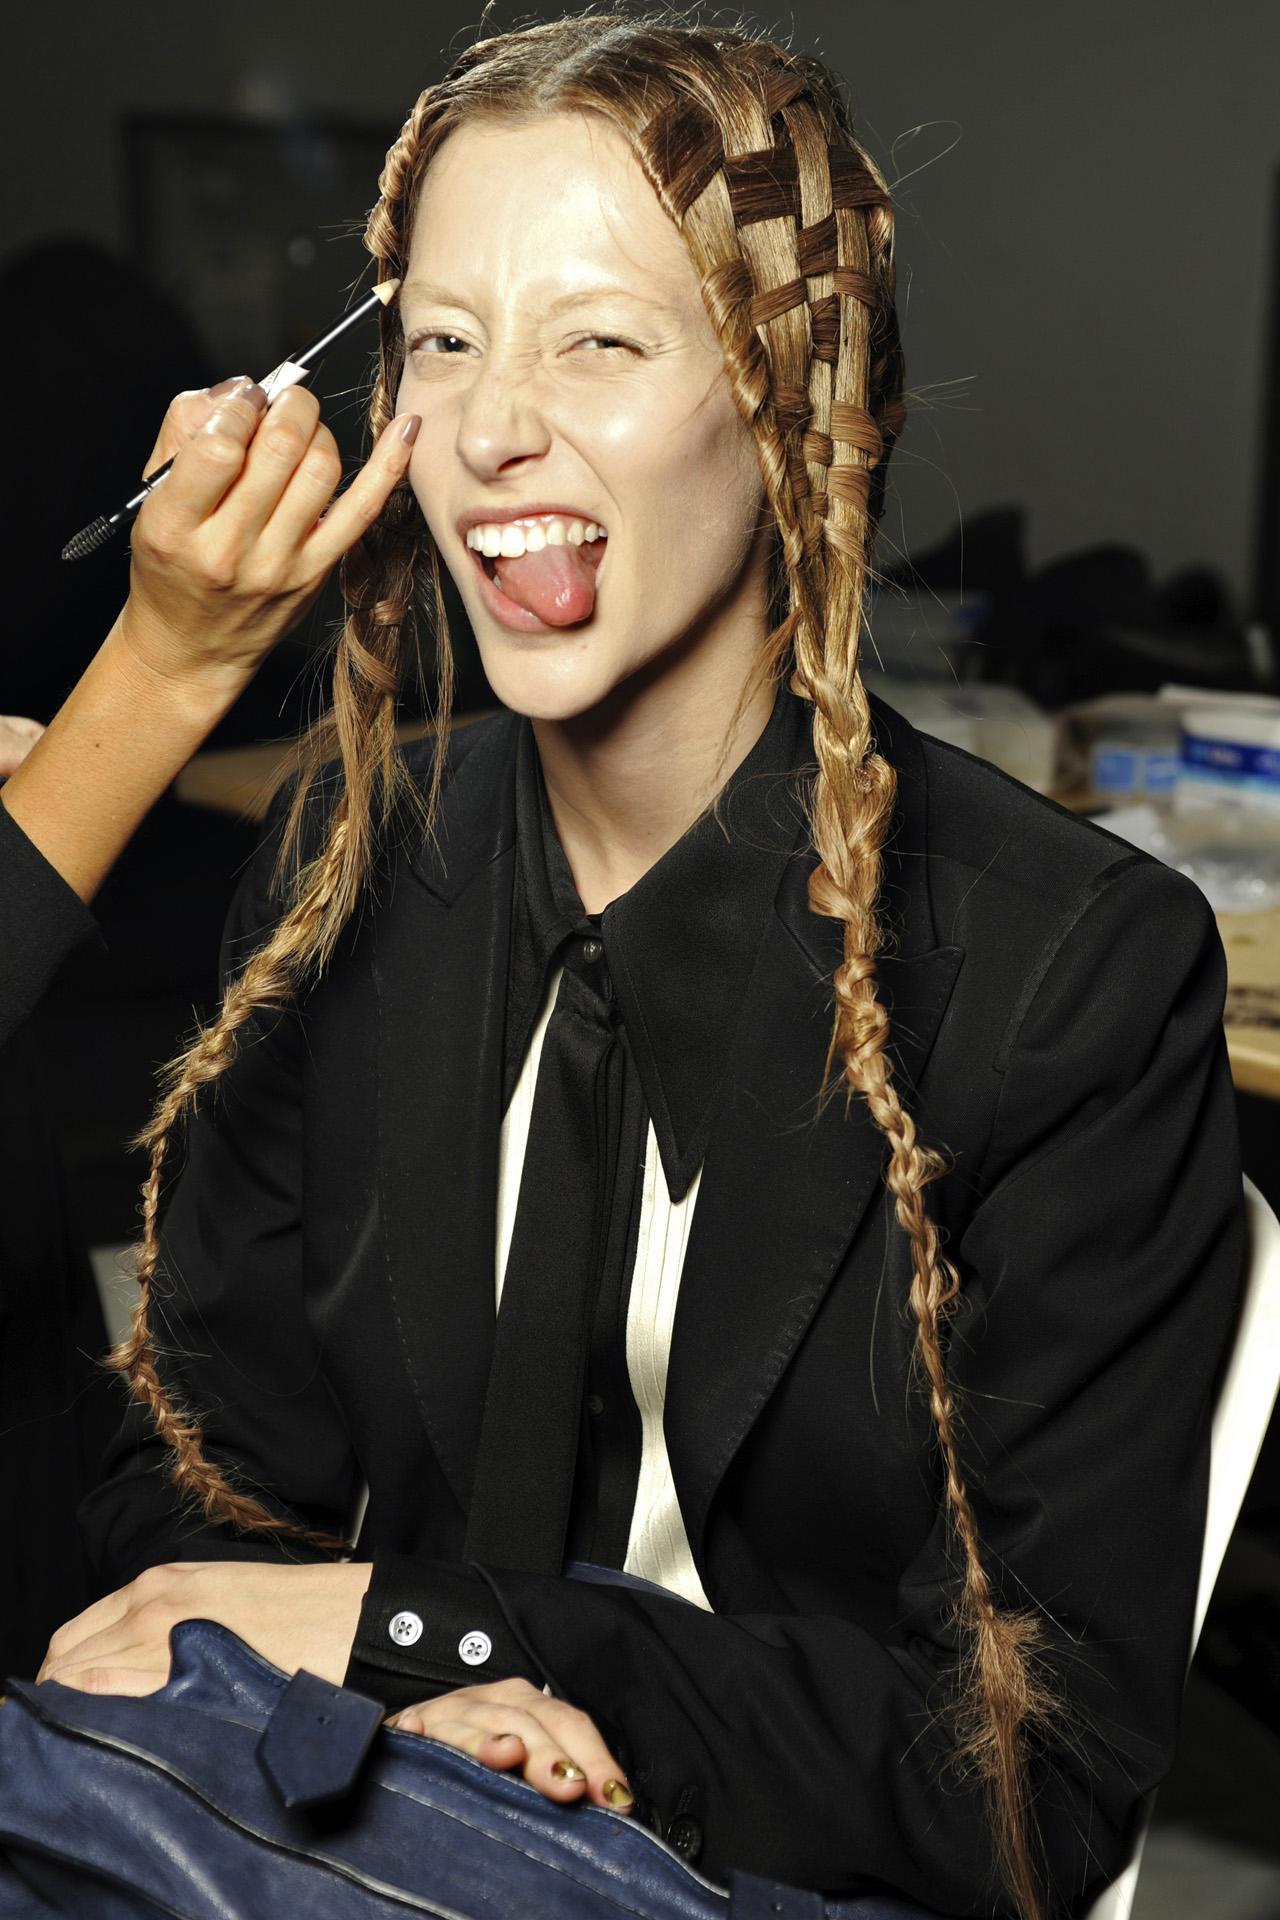 Alexander McQueen HairStyle DOCUMENTBEAUTY Kayla MiChele.jpg